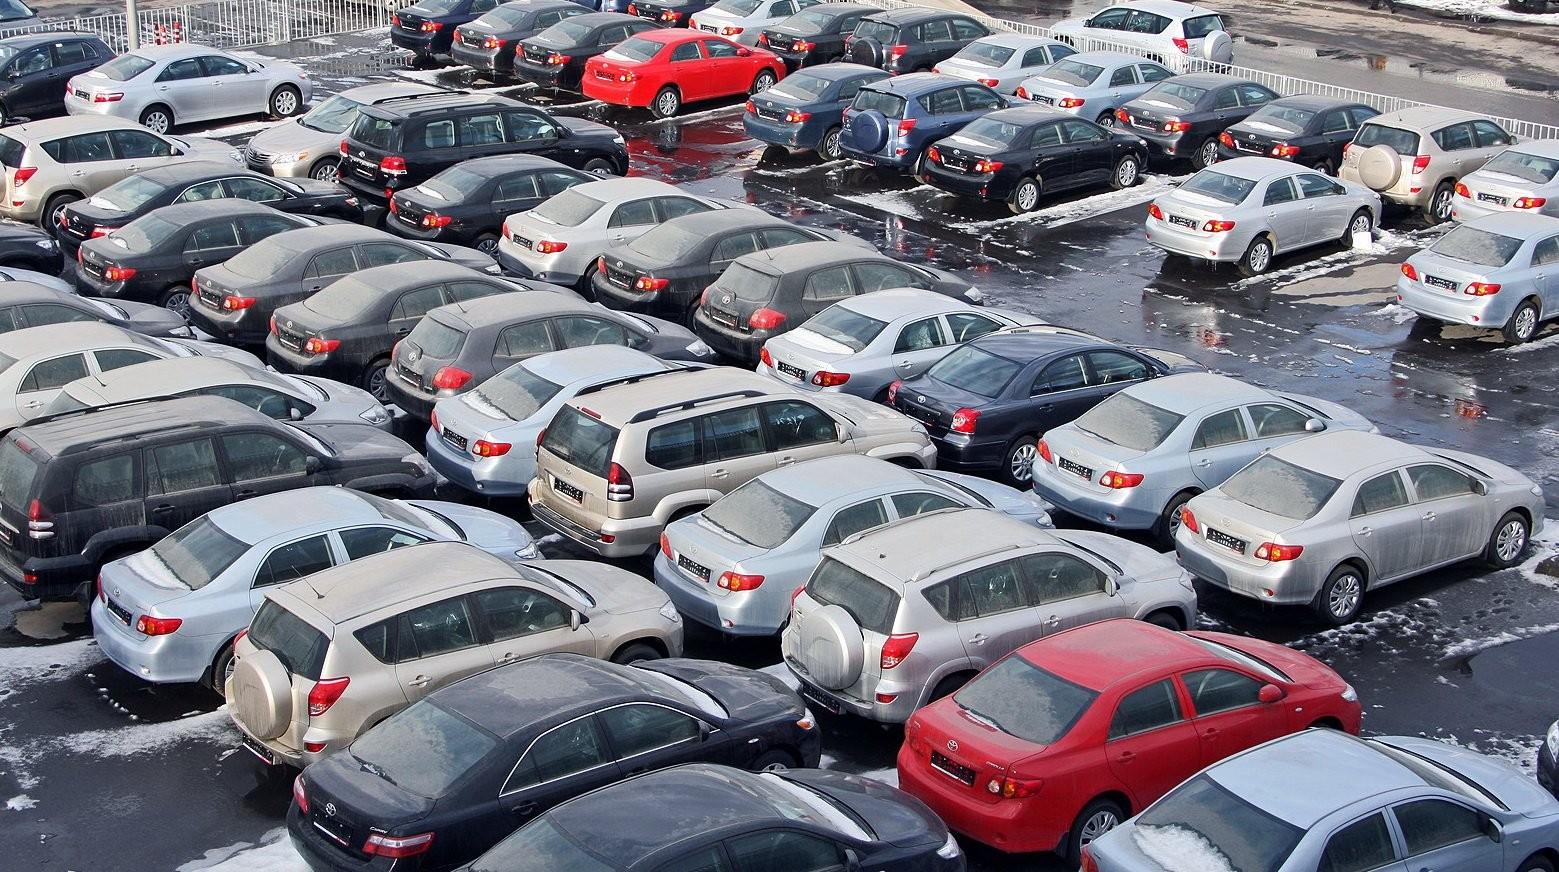 В Казахстане в январе-феврале увеличилось на 14,9% количество зарегистрированных автомобилей